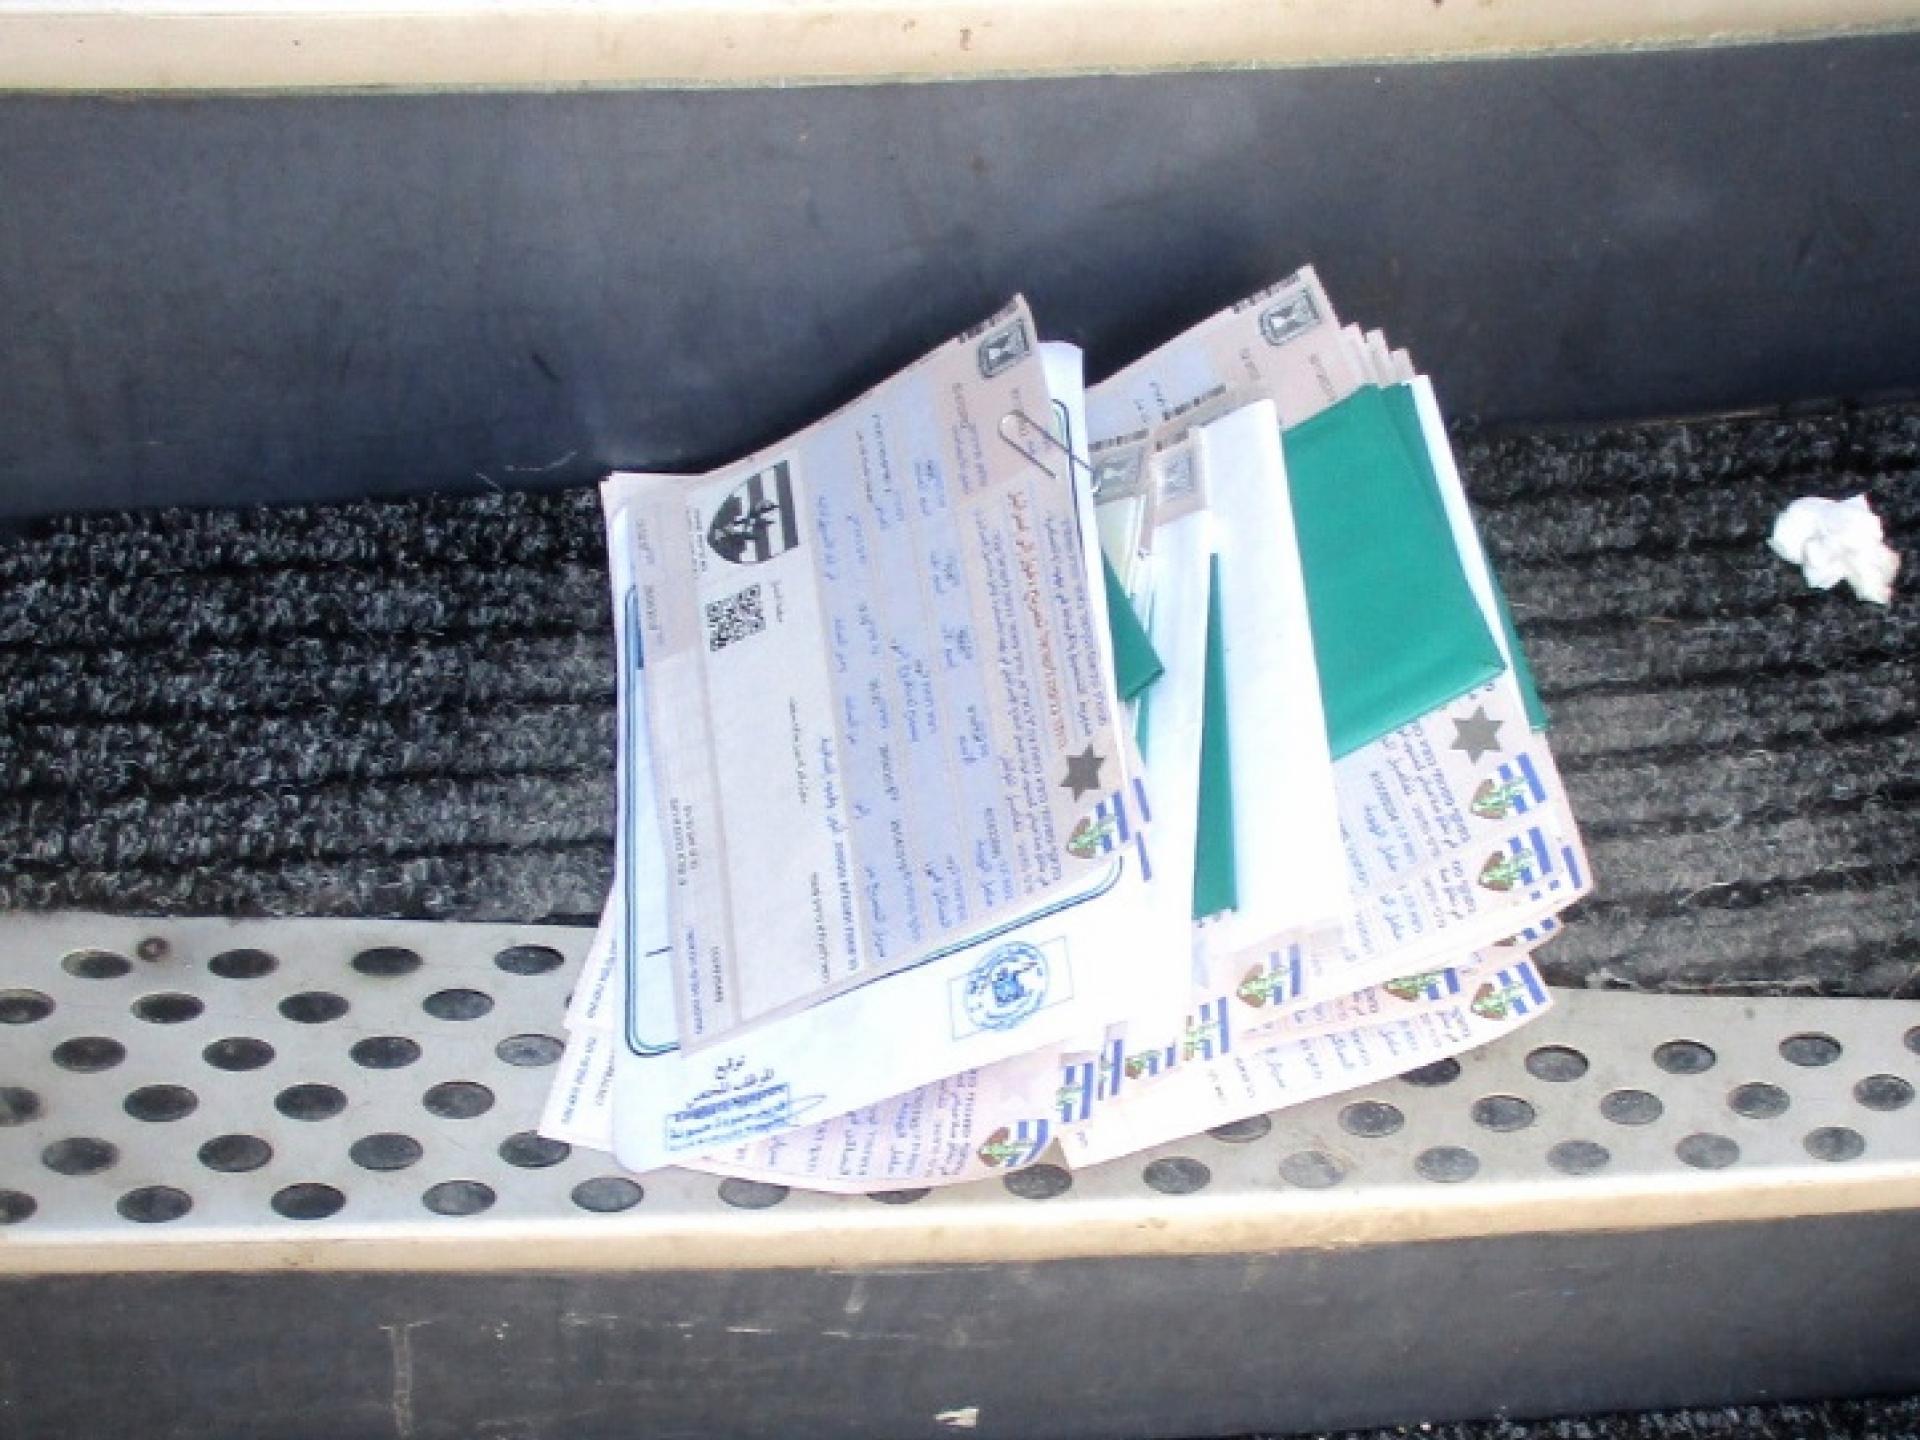 חבילת תעודות ומסמכים של הנוסעים לעזה